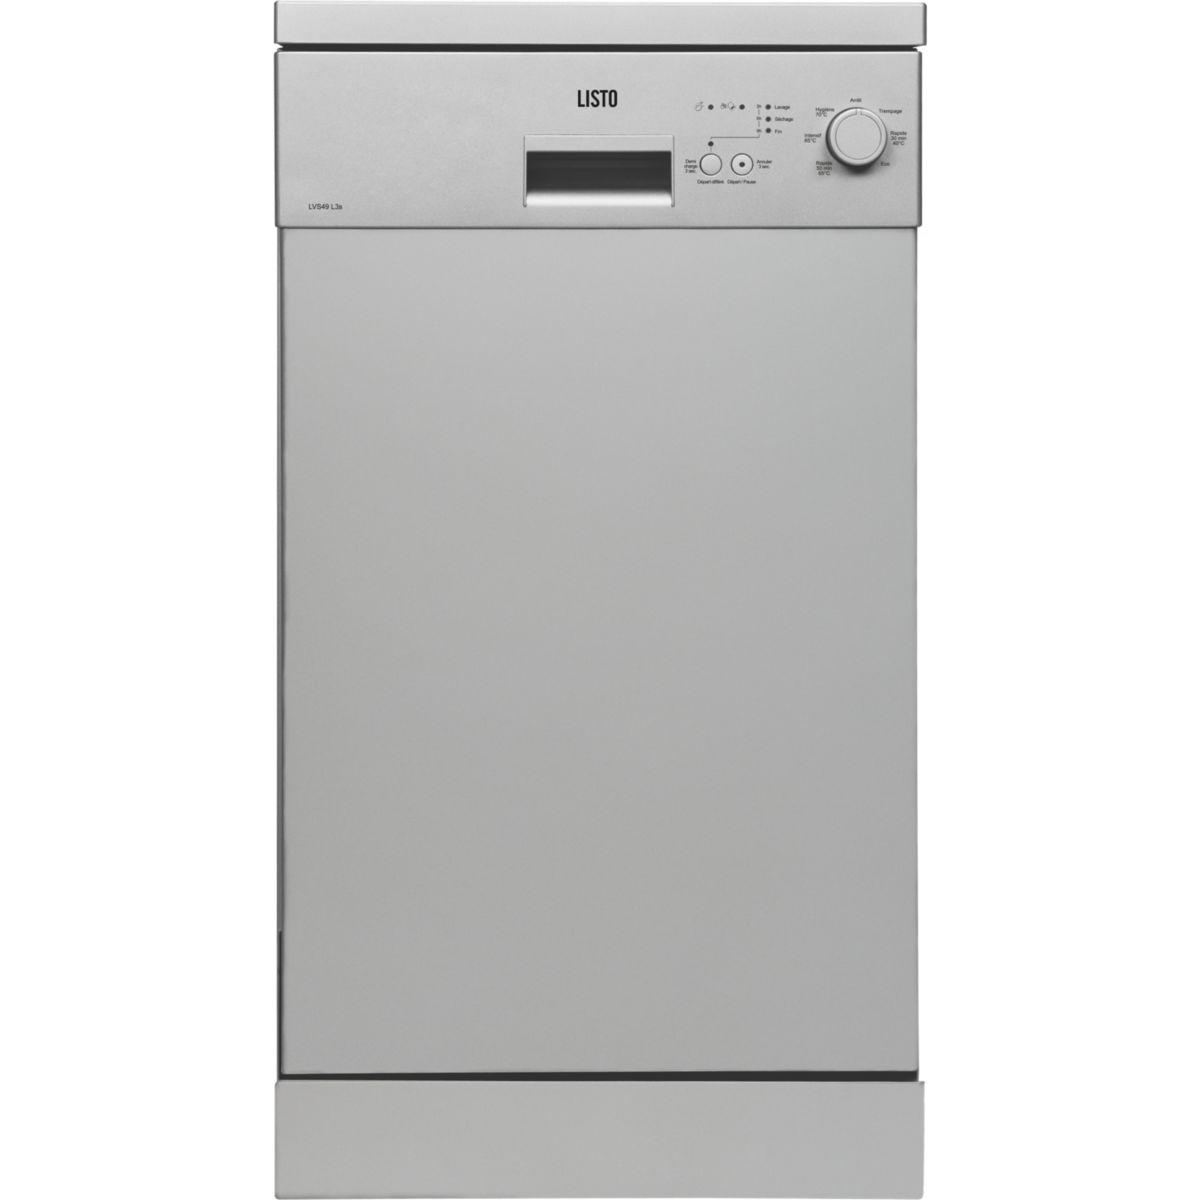 Lave vaisselle 45 cm LISTO LVS49 L3 Silver